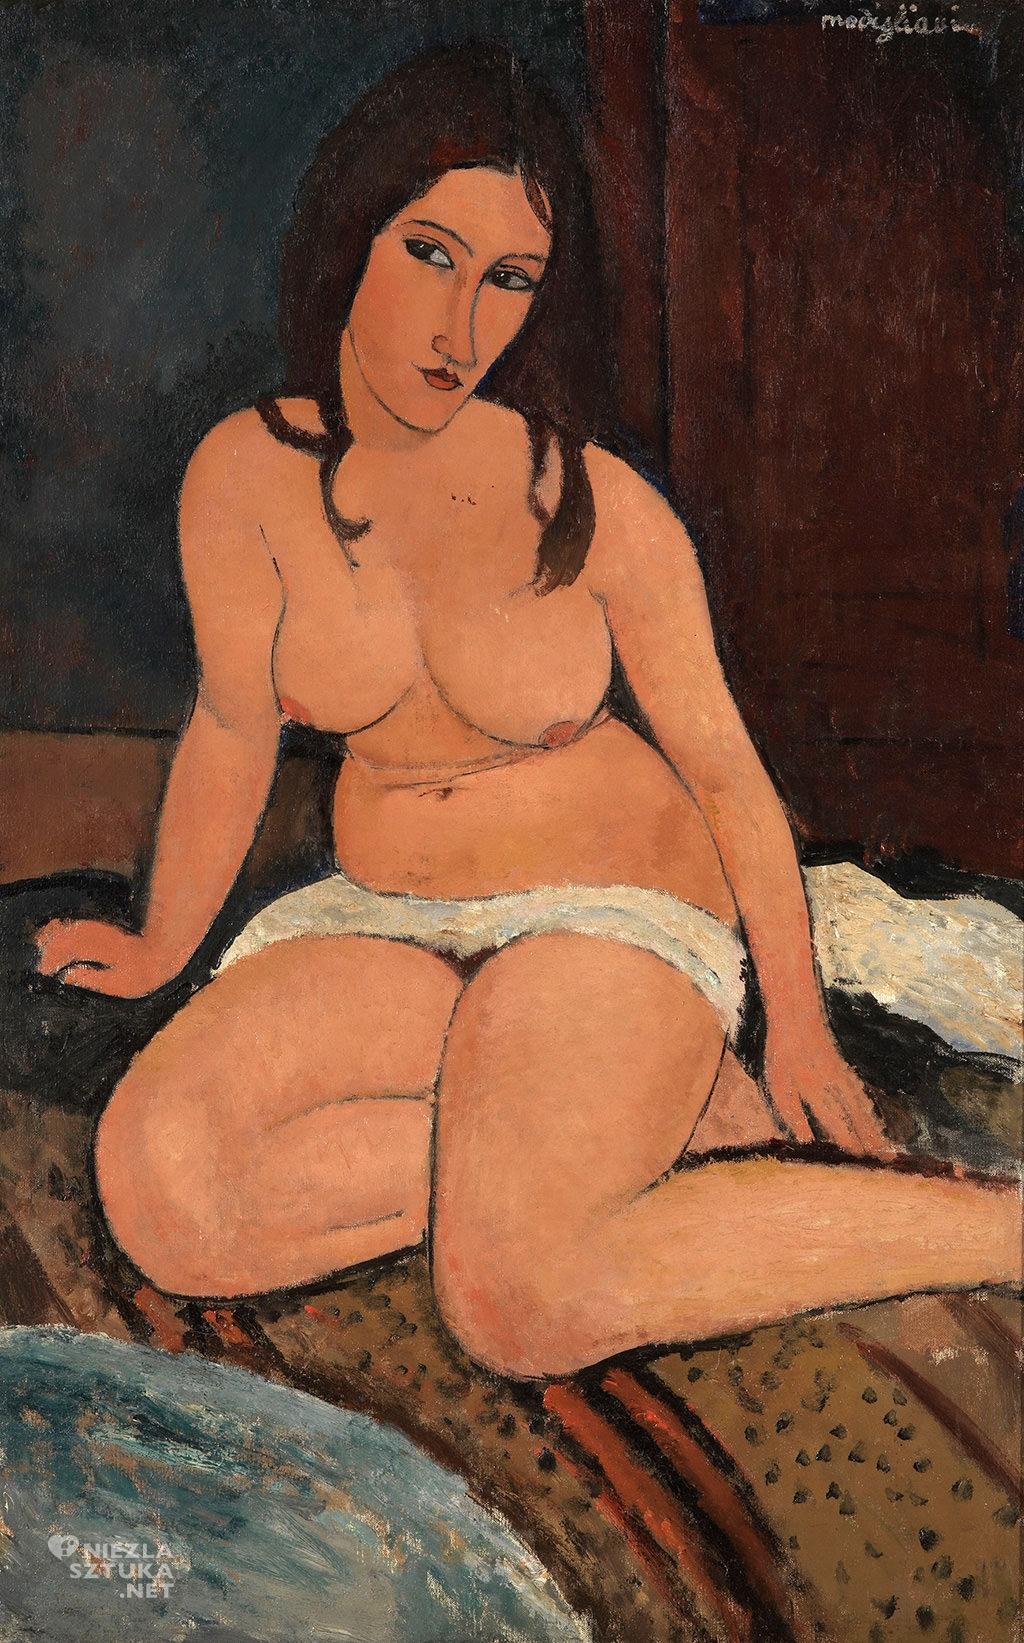 Amedeo Modigliani, Seated Nude, akt, akt siedzącej kobiety, sztuka włoska, malarstwo olejne, portret, ekspresjonizm, sztuka nowoczesna, Ecole de Paris, Niezła Sztuka